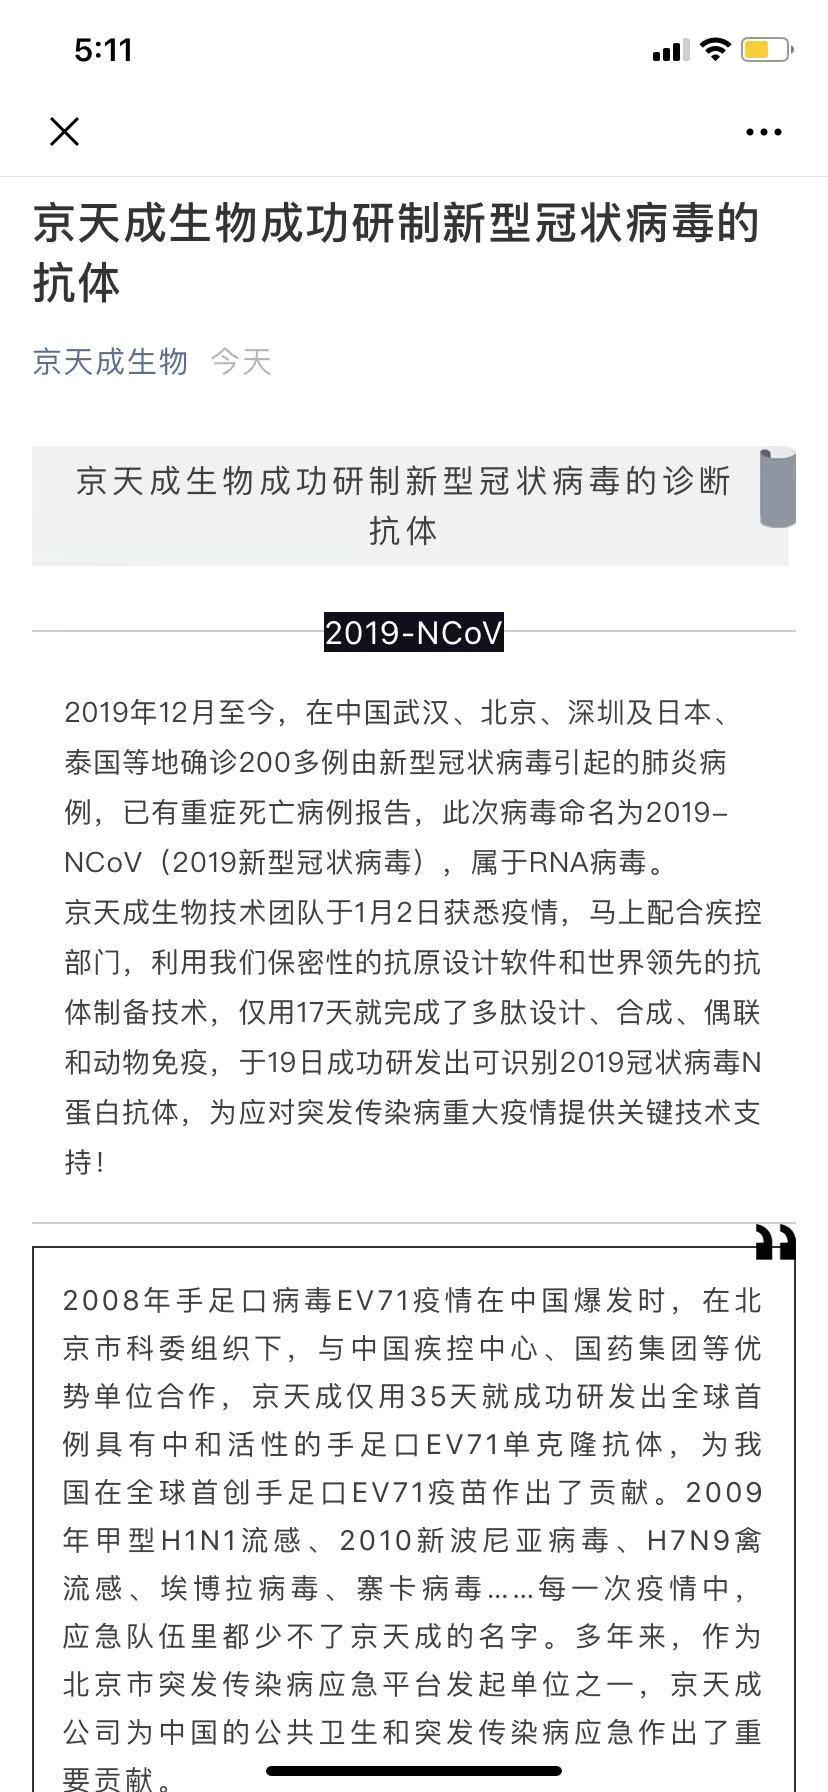 """京天成生物蹭肺炎热点,文章被标注""""此标题包含夸大误导内容"""""""